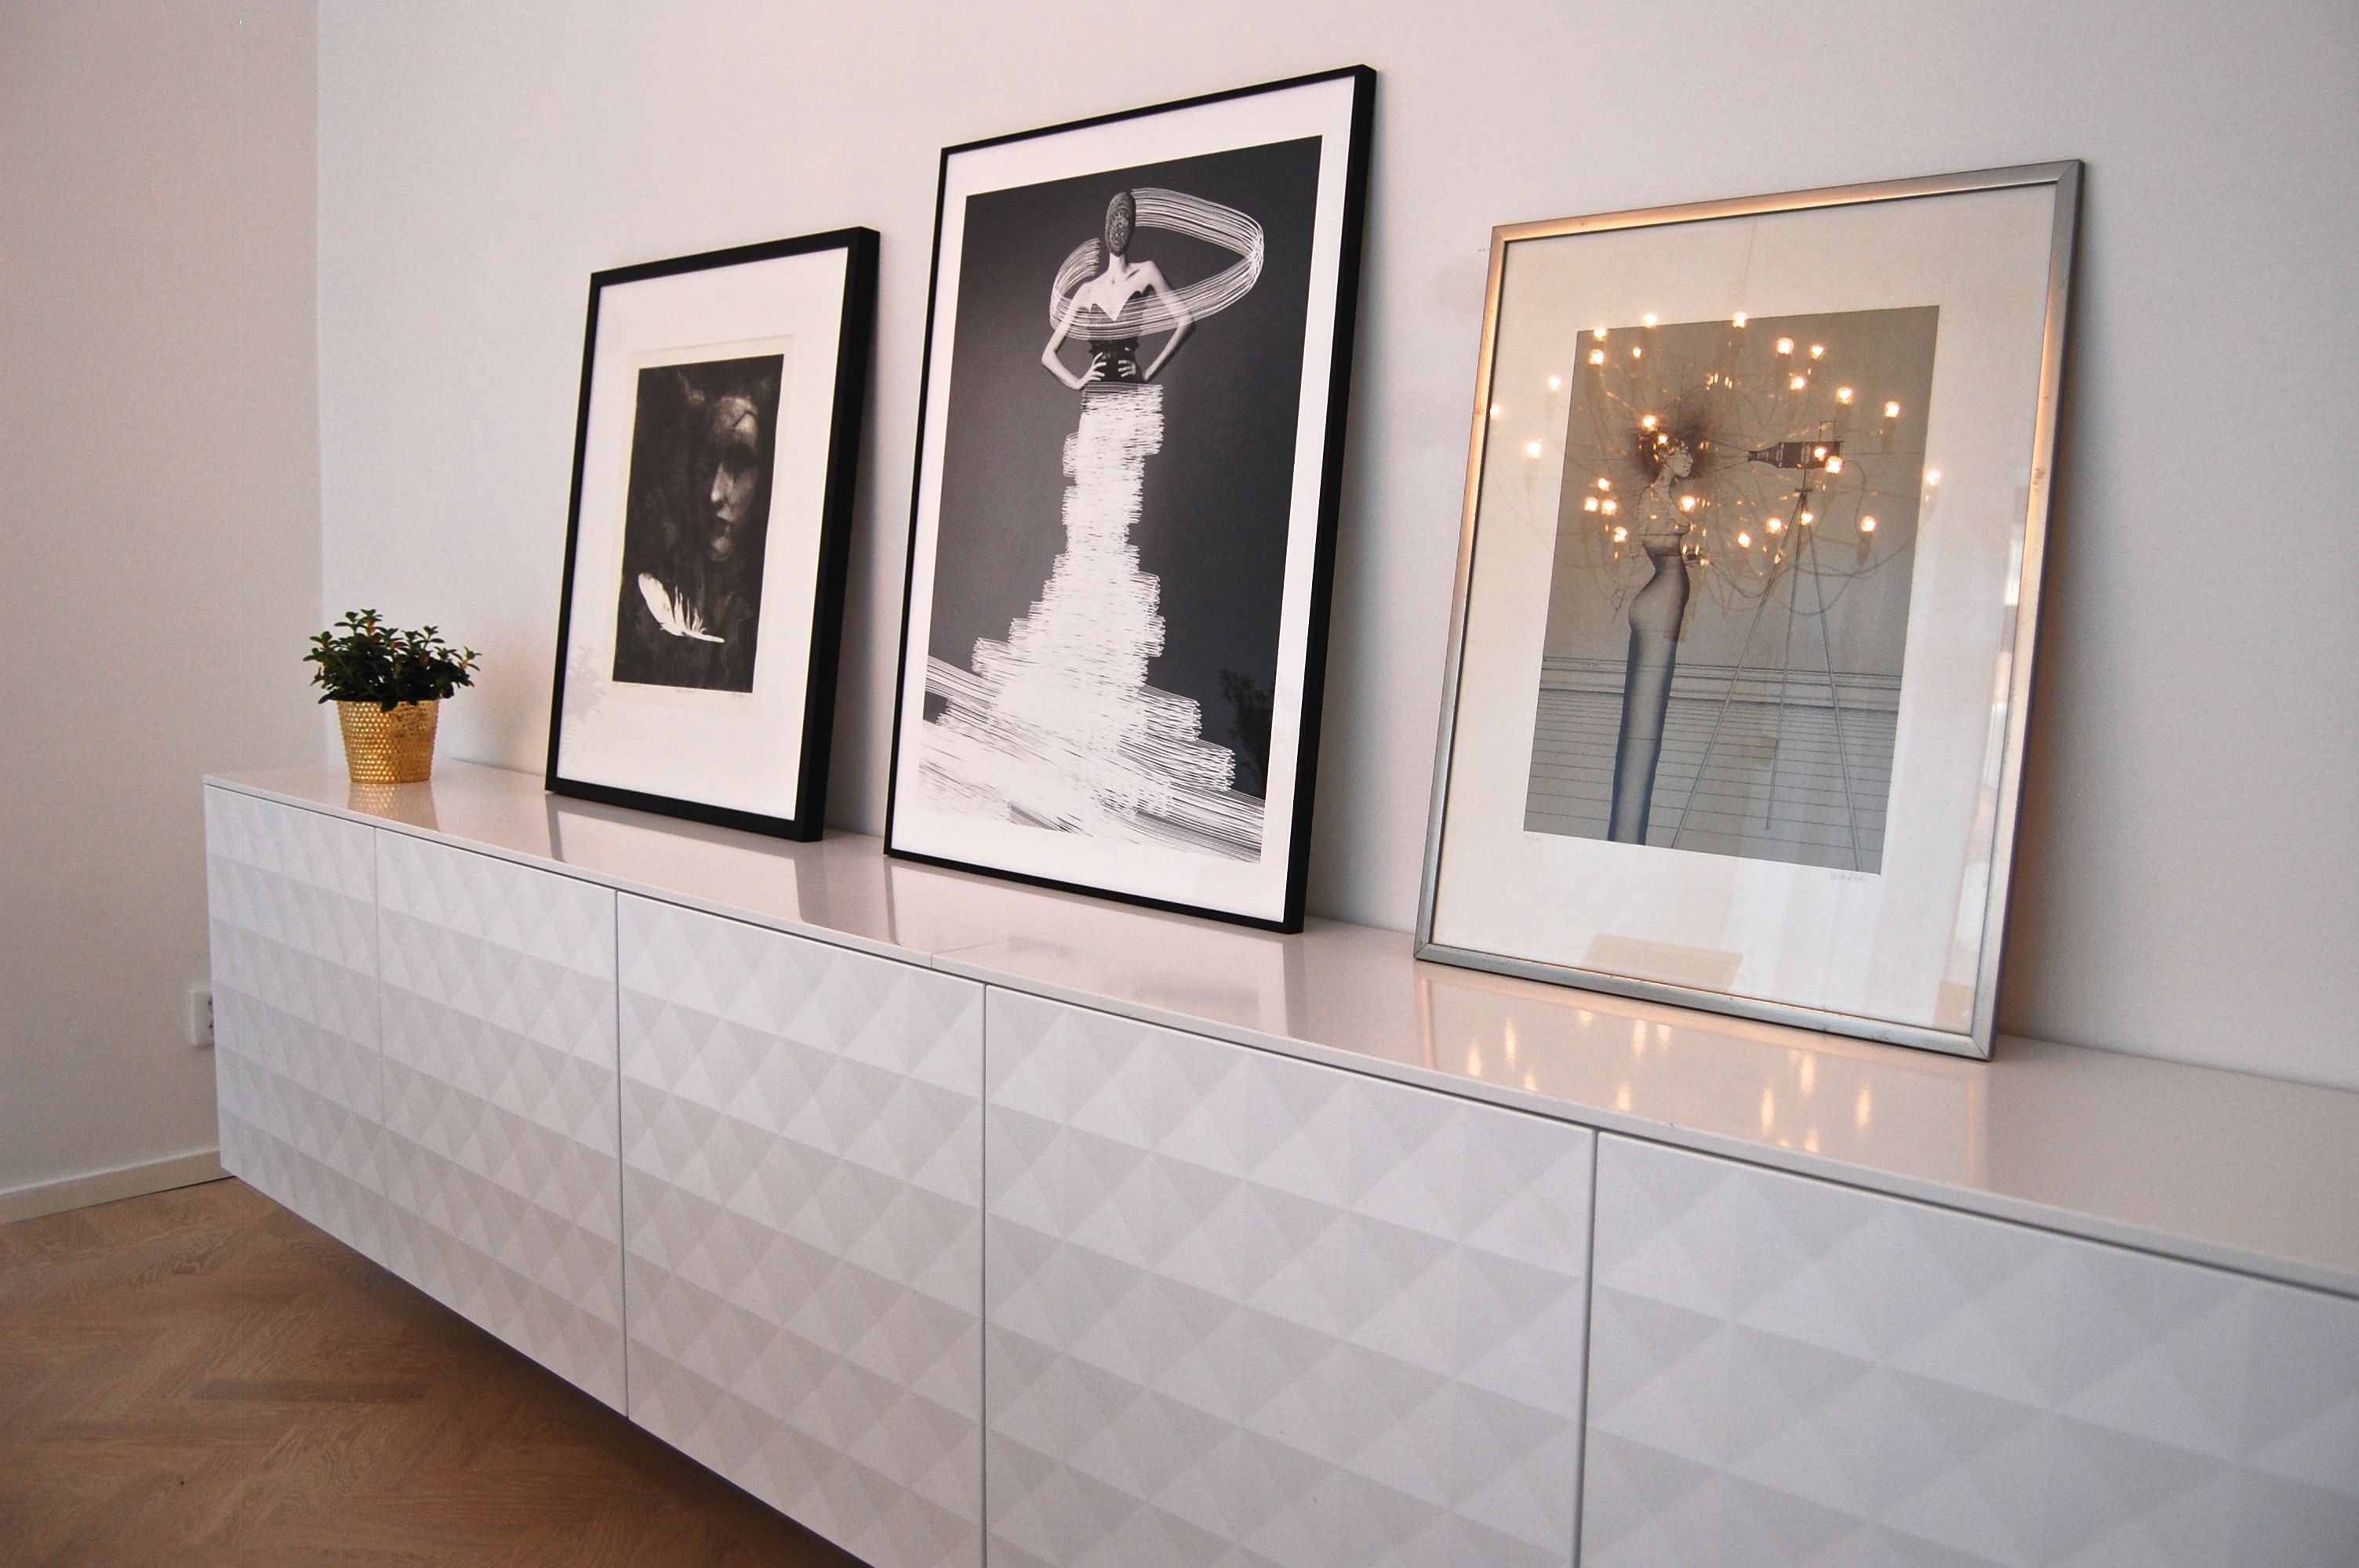 Diy Vagghangt Sideboard Wohnzimmer Ideen Wohnung Inneneinrichtung Ikea Hack Wohnzimmer